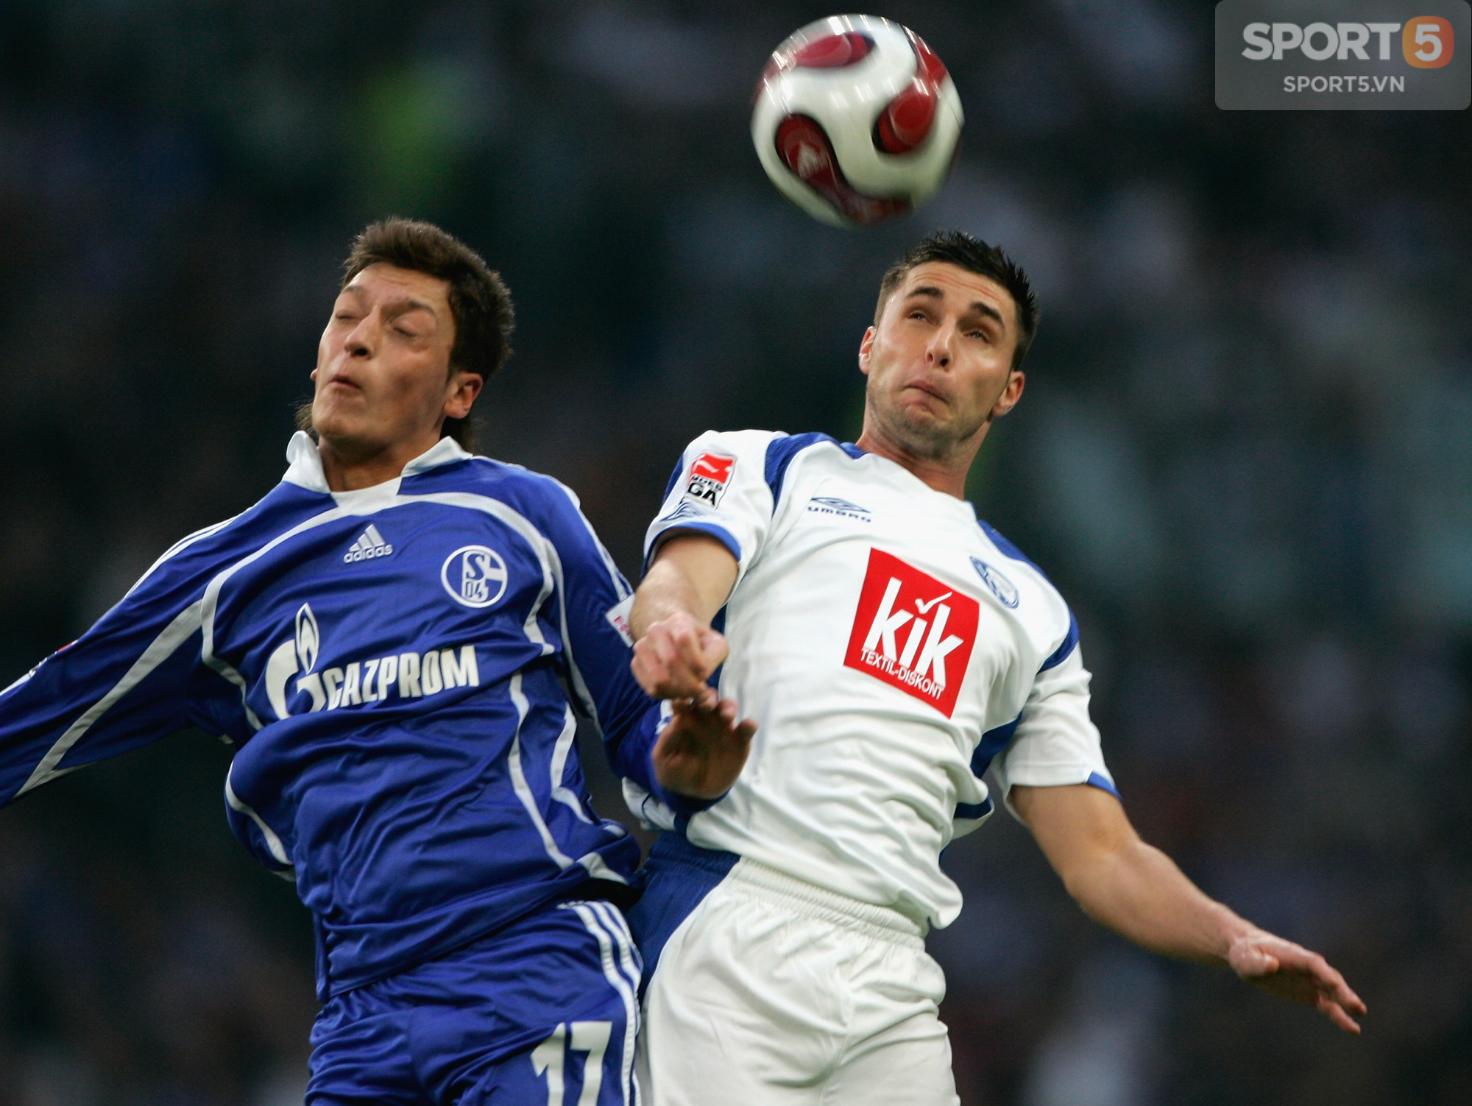 Tự truyện Mesut Oezil (chương 5): Ivan Rakitic và mưu hèn kế bẩn của ban lãnh đạo Schalke 04 - Ảnh 4.